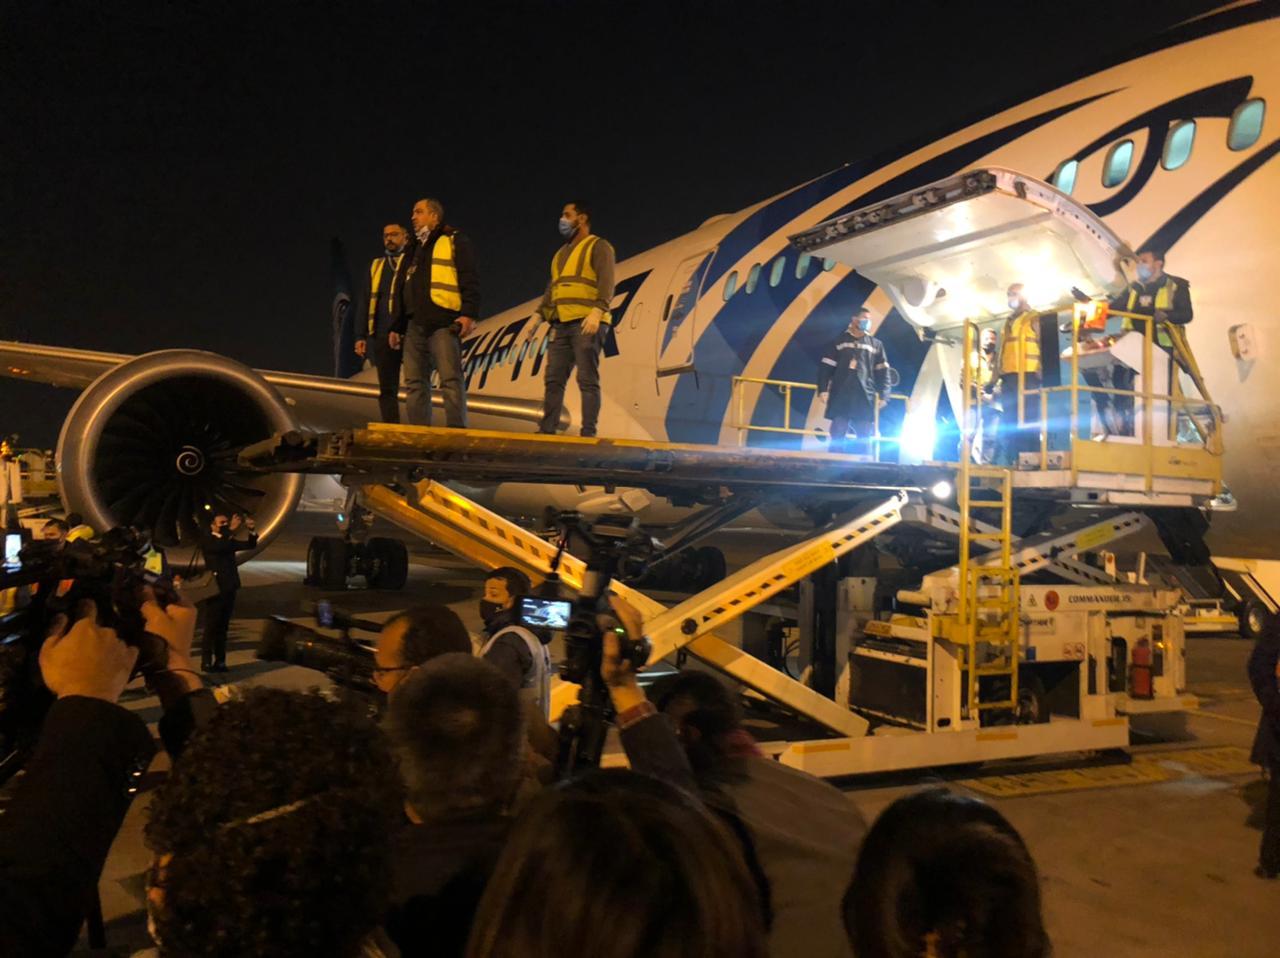 وصول شحنة جديدة من اللقاح الصيني «سينوفارم» الى مطار القاهرة الدولي